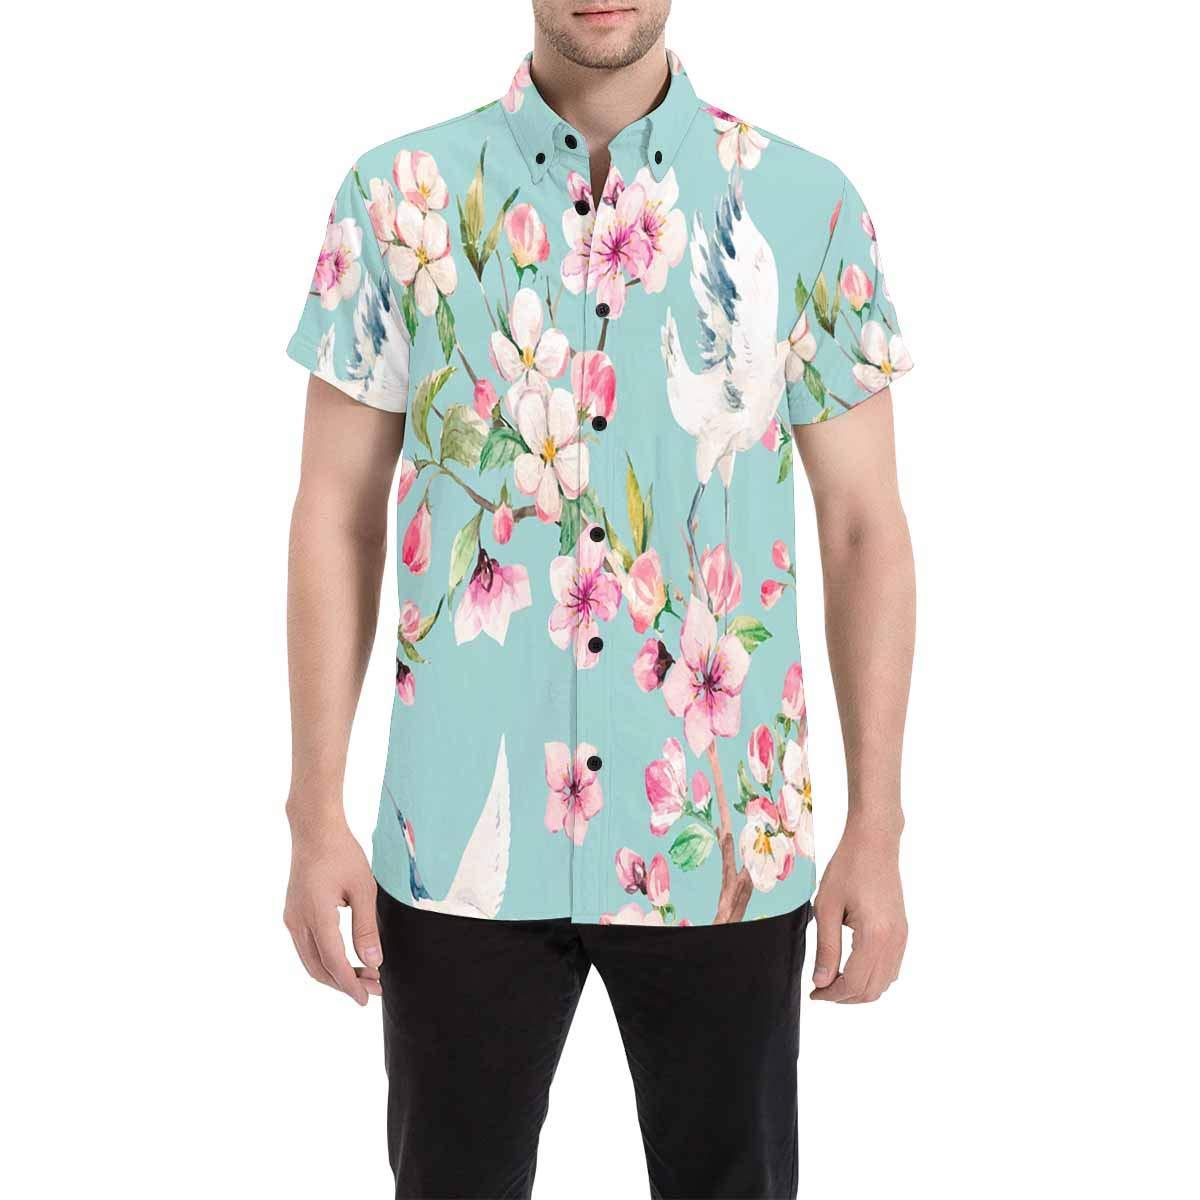 InterestPrint Regular Fit Crane with Flowers Casual Regular Fit Short Sleeve Shirt